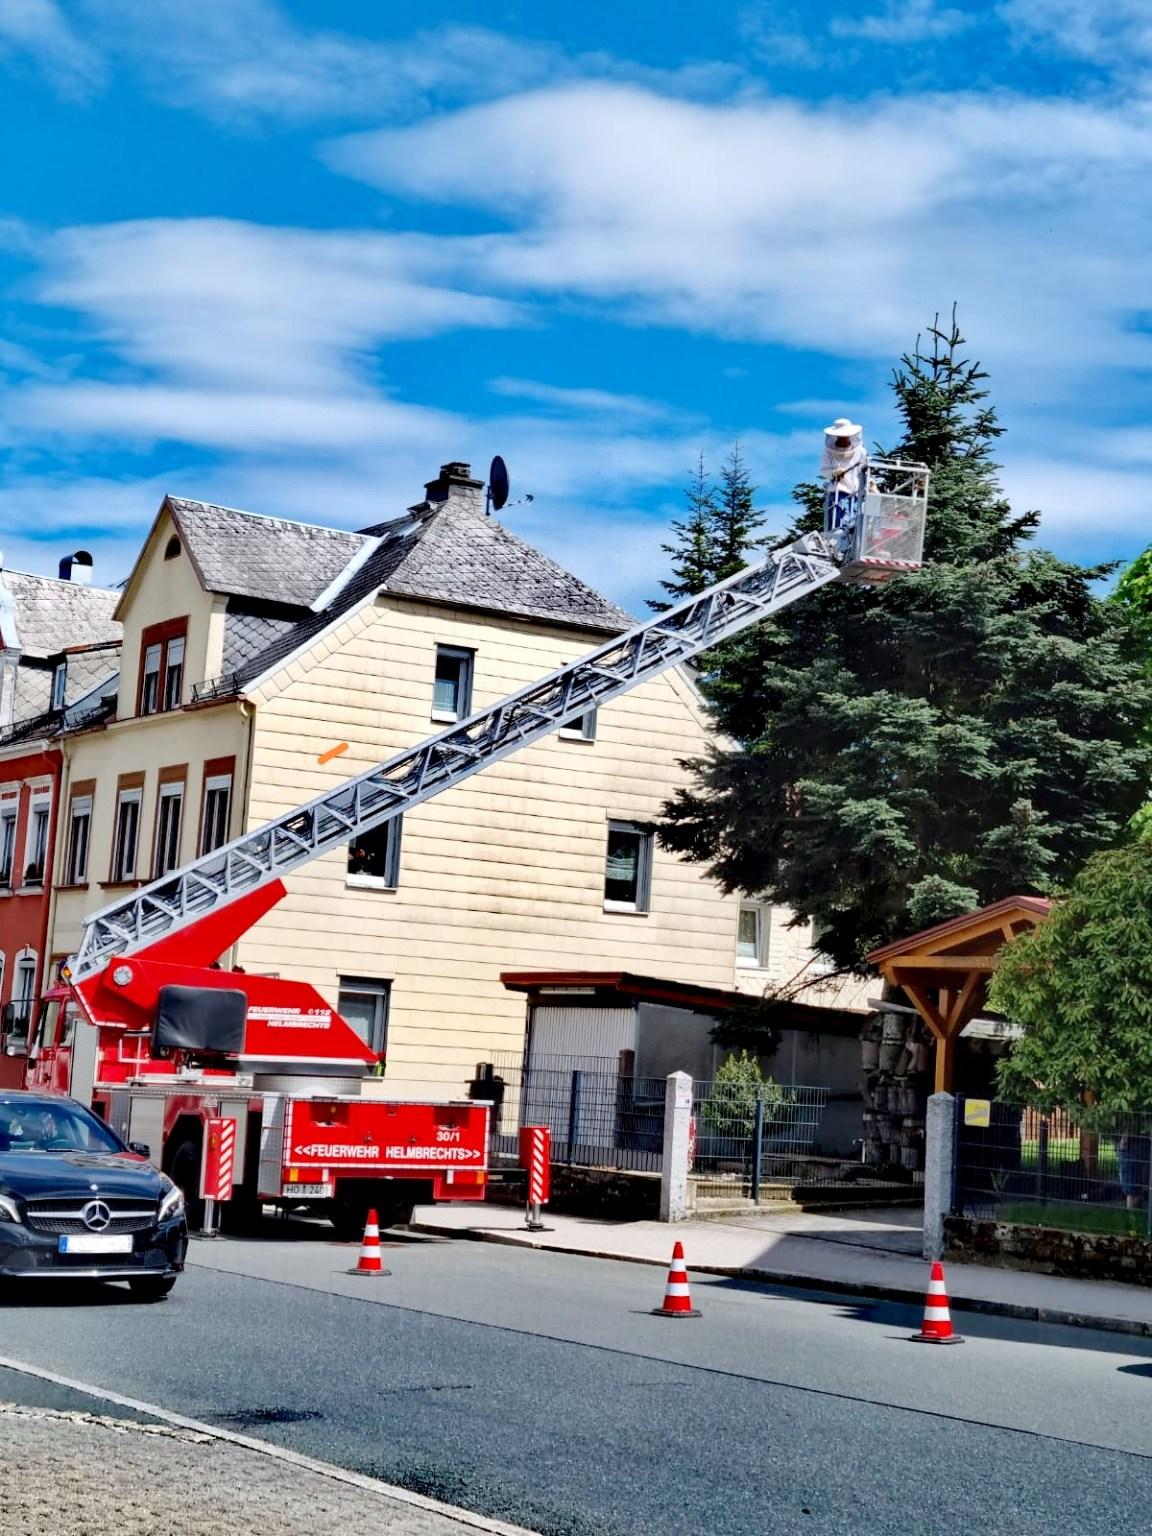 Insekten (Gefahr für Personen) - Freiwillige Feuerwehr